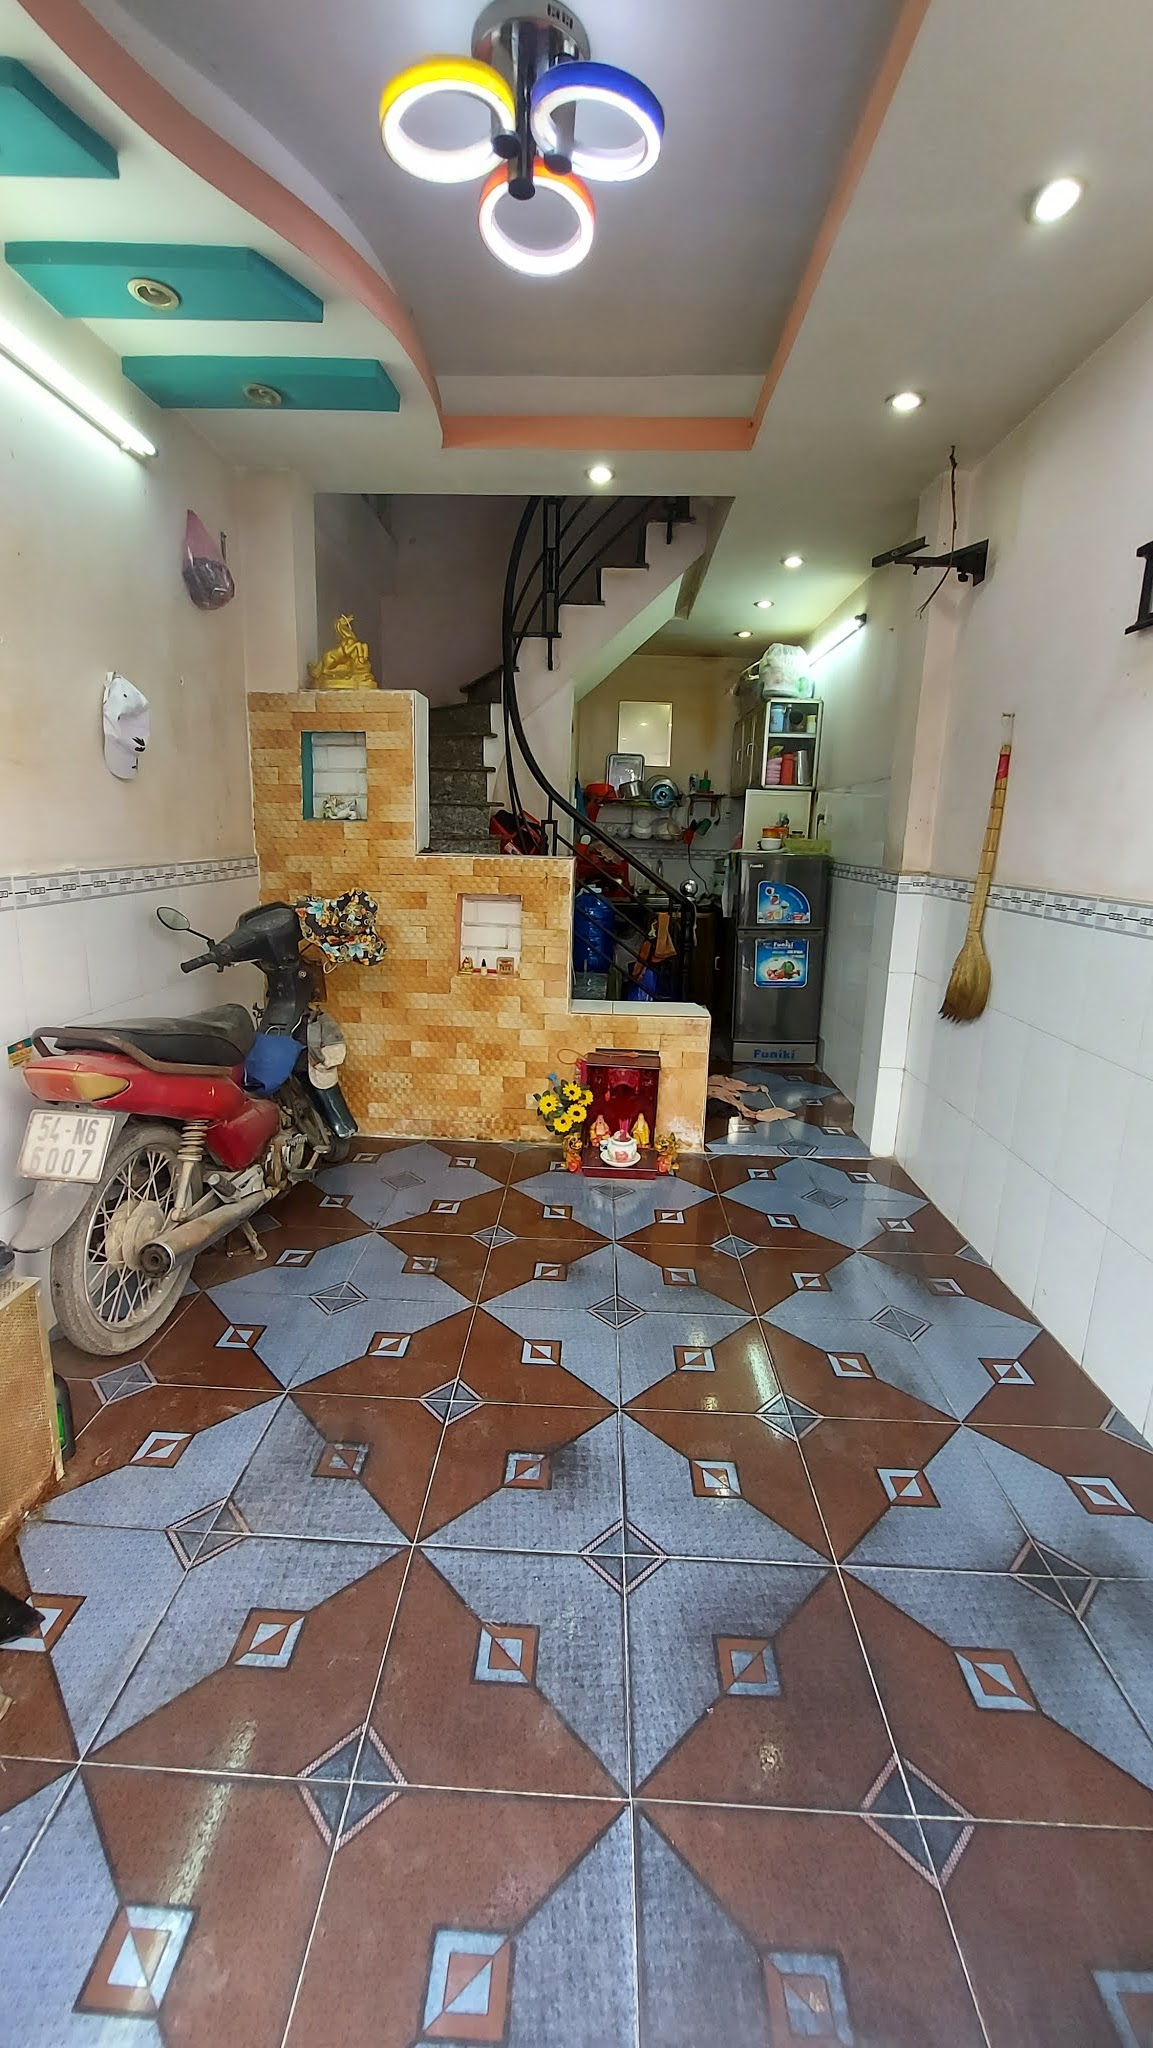 Bán nhà 2 lầu đường số 20 Bình Hưng Hòa A quận Bình Tân 2 tỷ 100 triệu